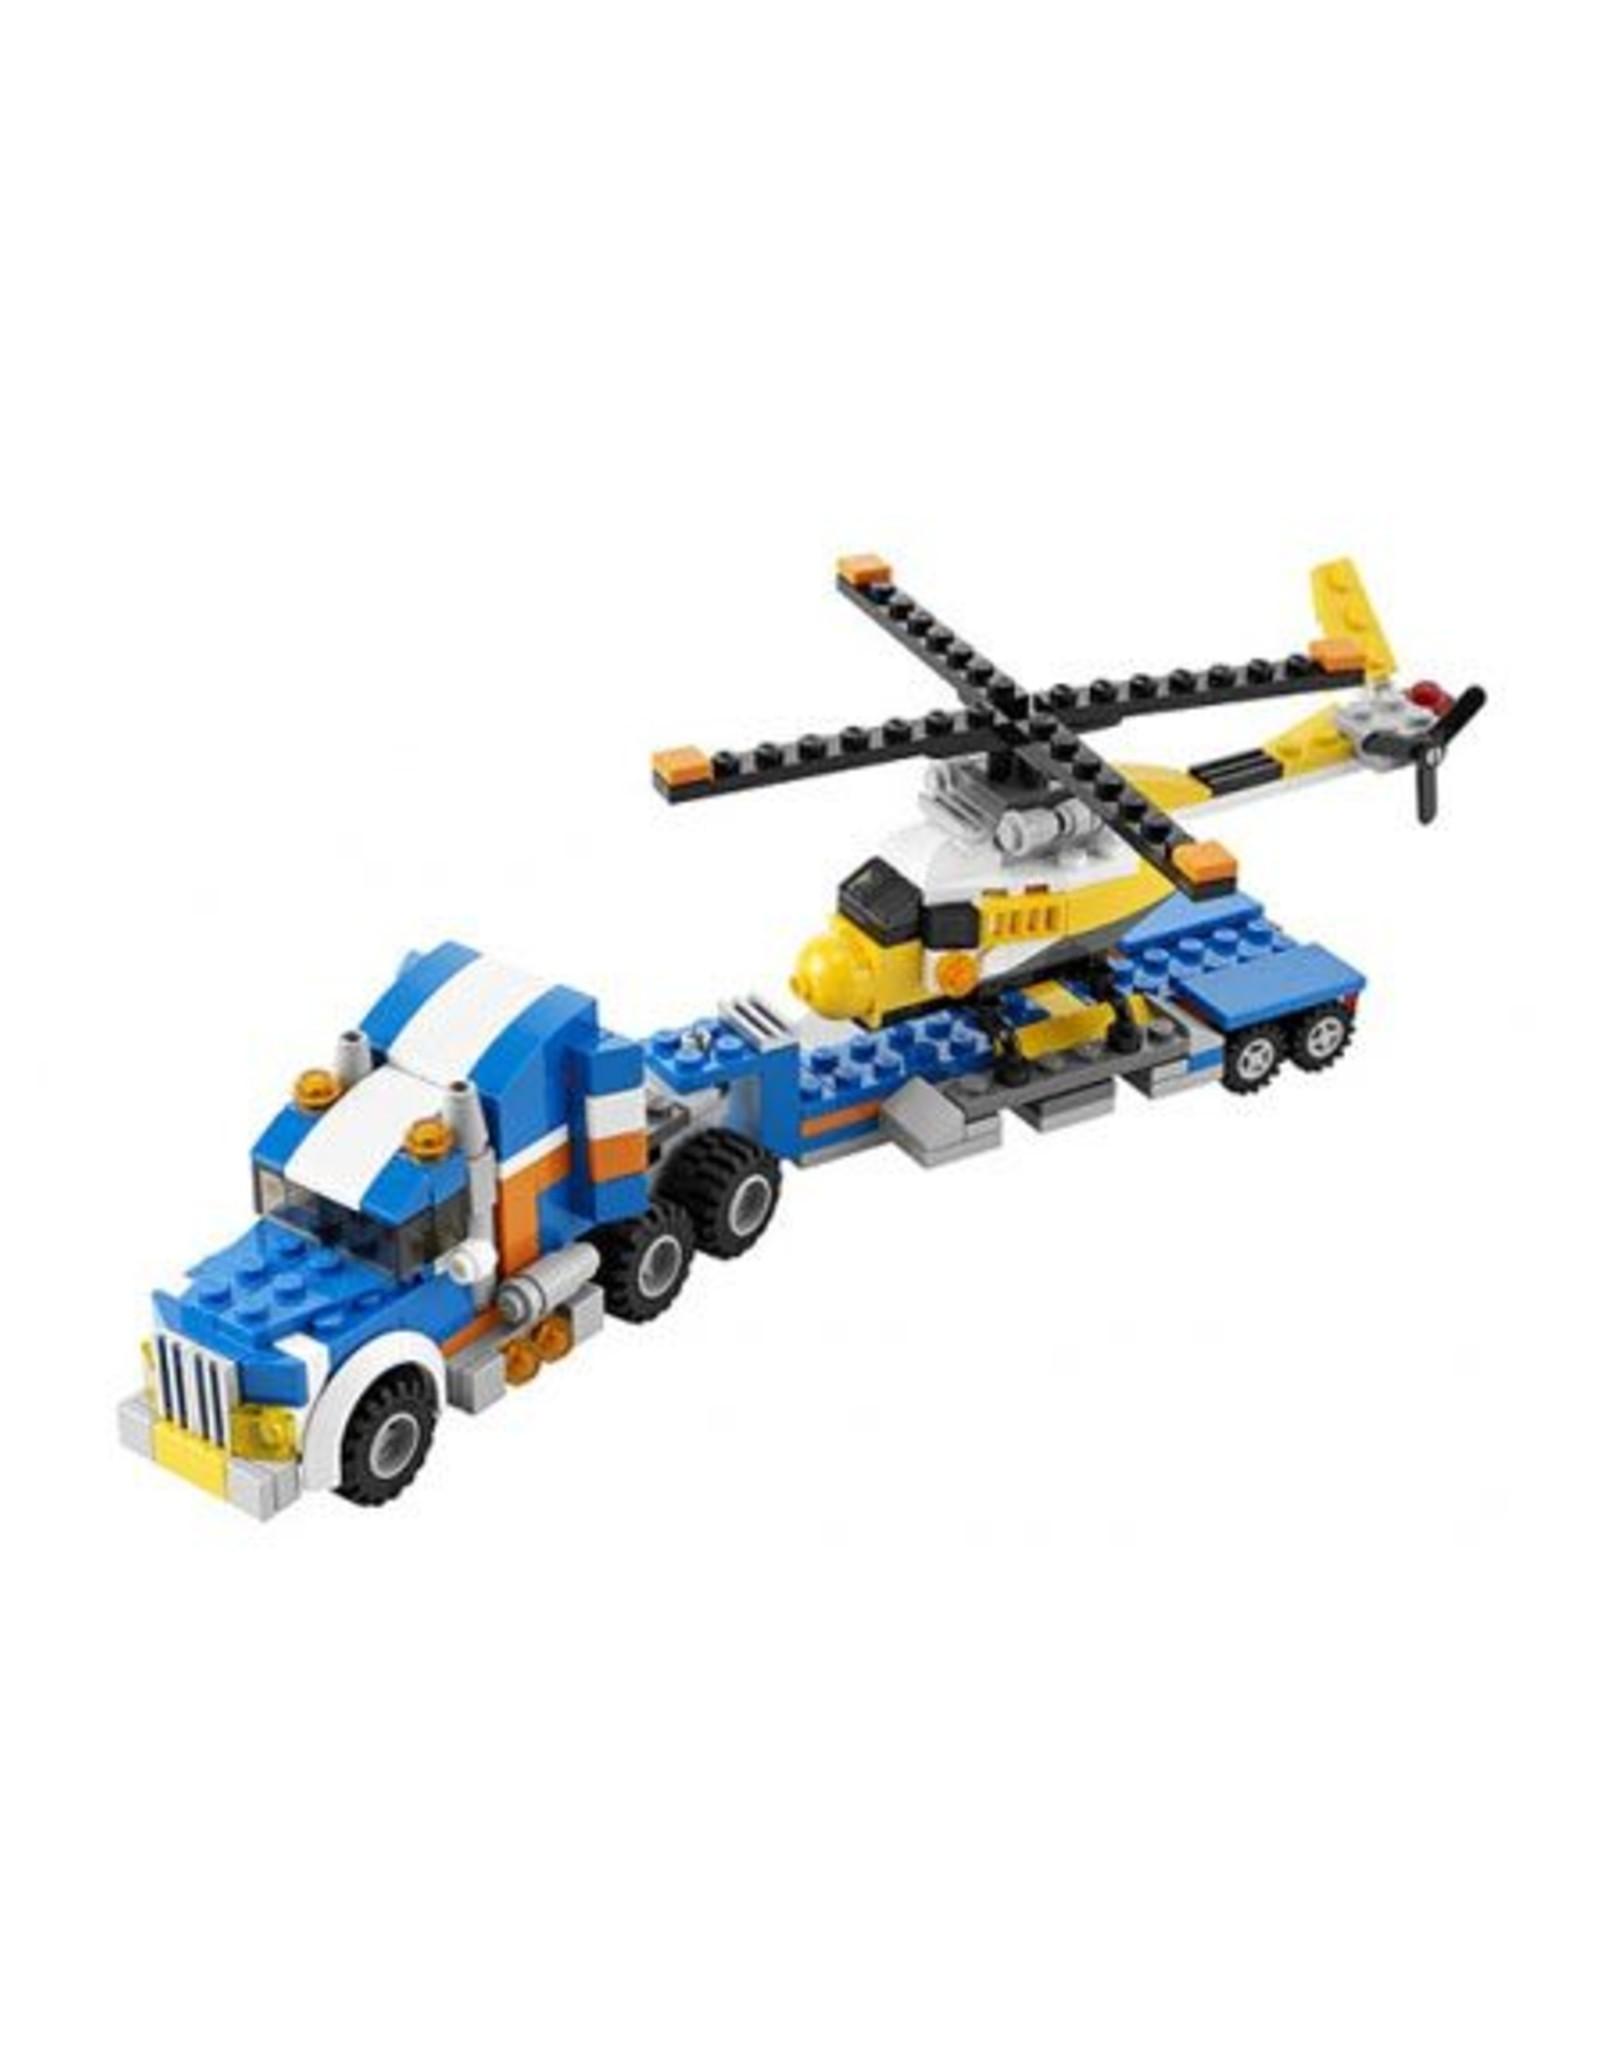 LEGO LEGO 5765 Vrachtwagen transporter CREATOR